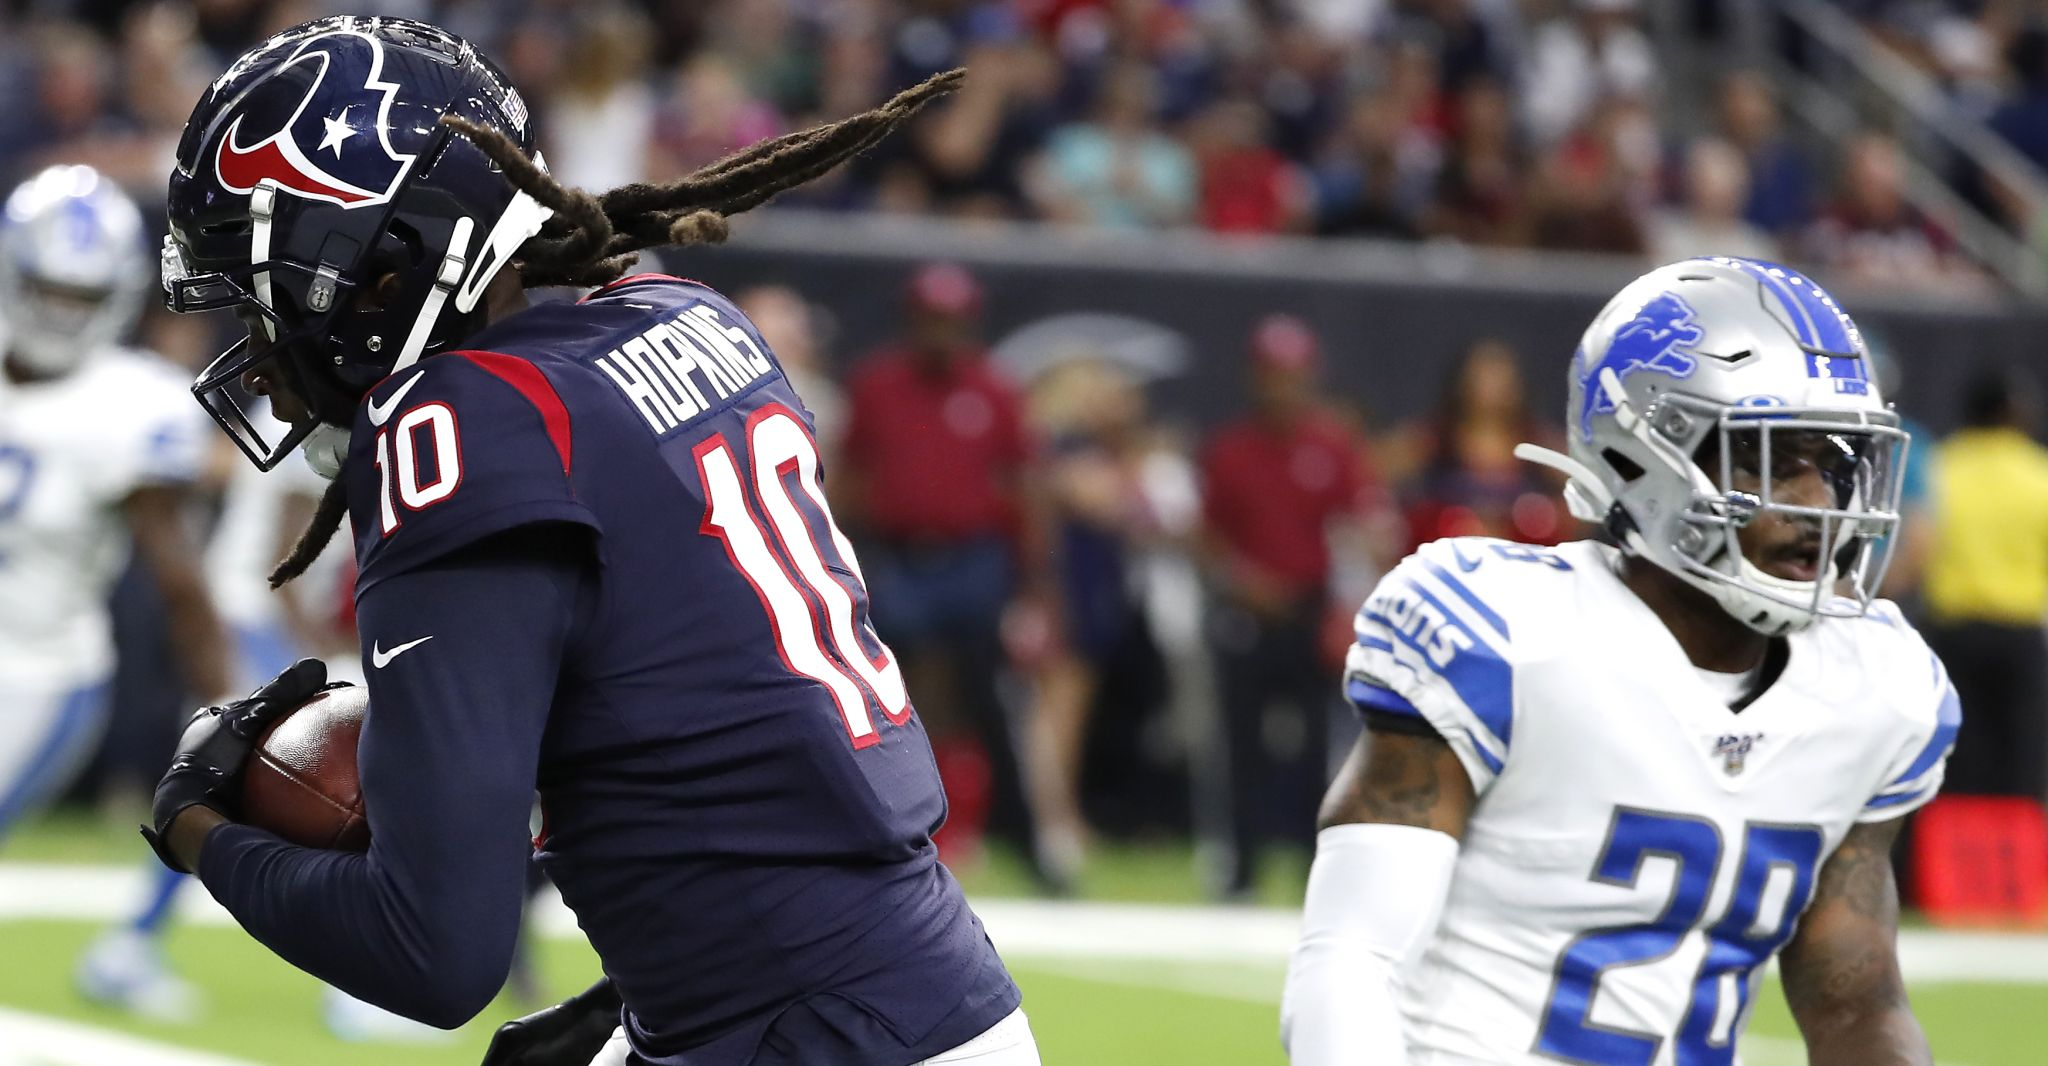 Texans take down Lions in preseason game